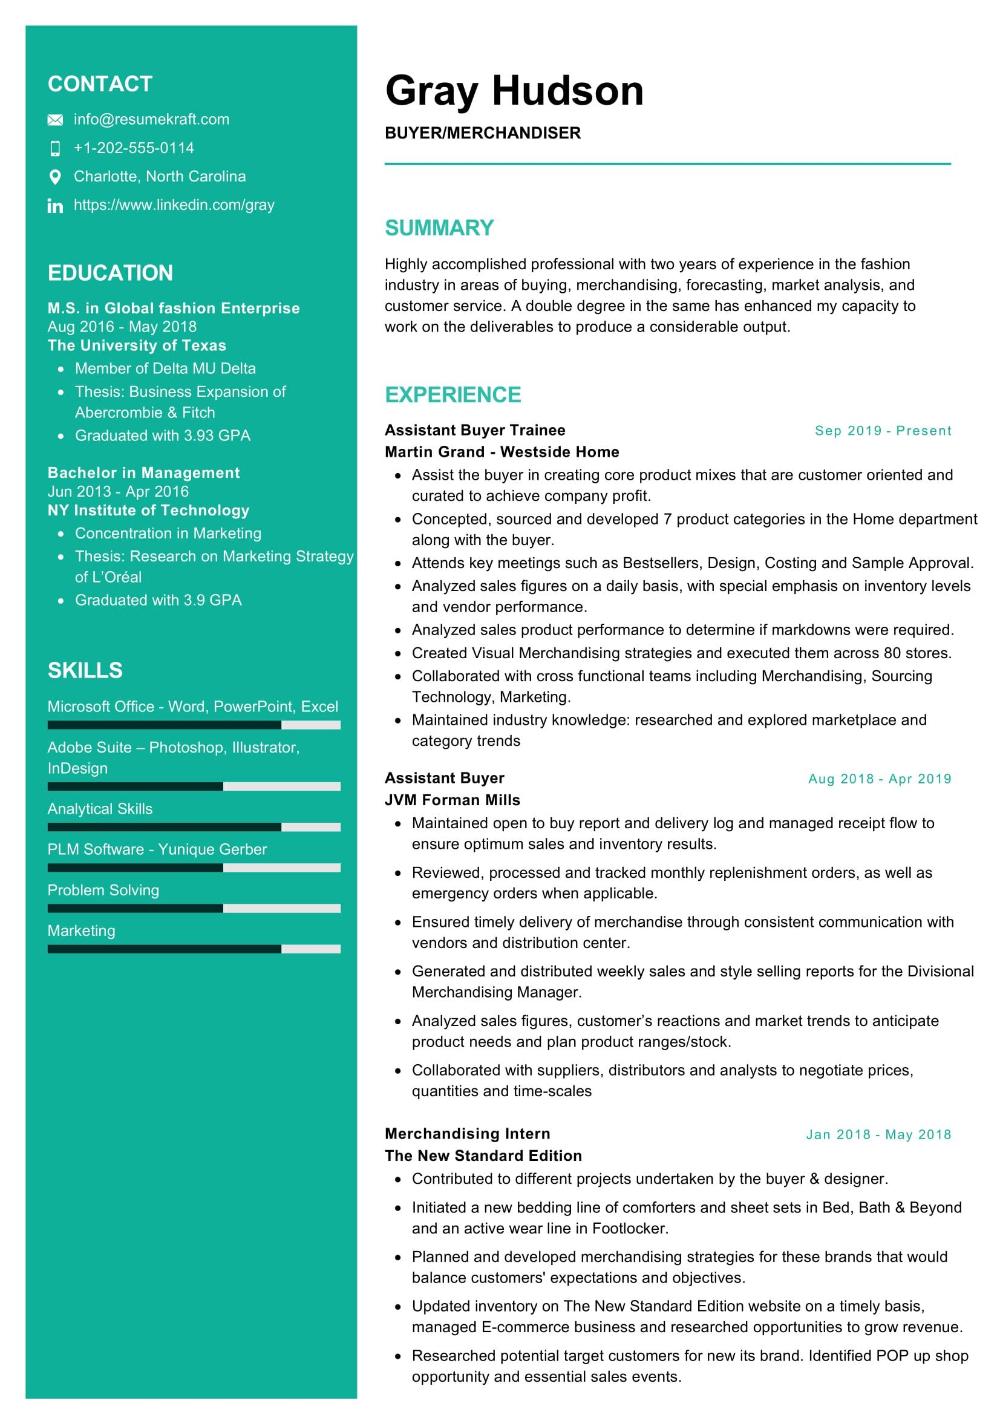 100 Professional Resume Samples For 2020 Resumekraft Professional Resume Samples Resume Examples Interview Tips